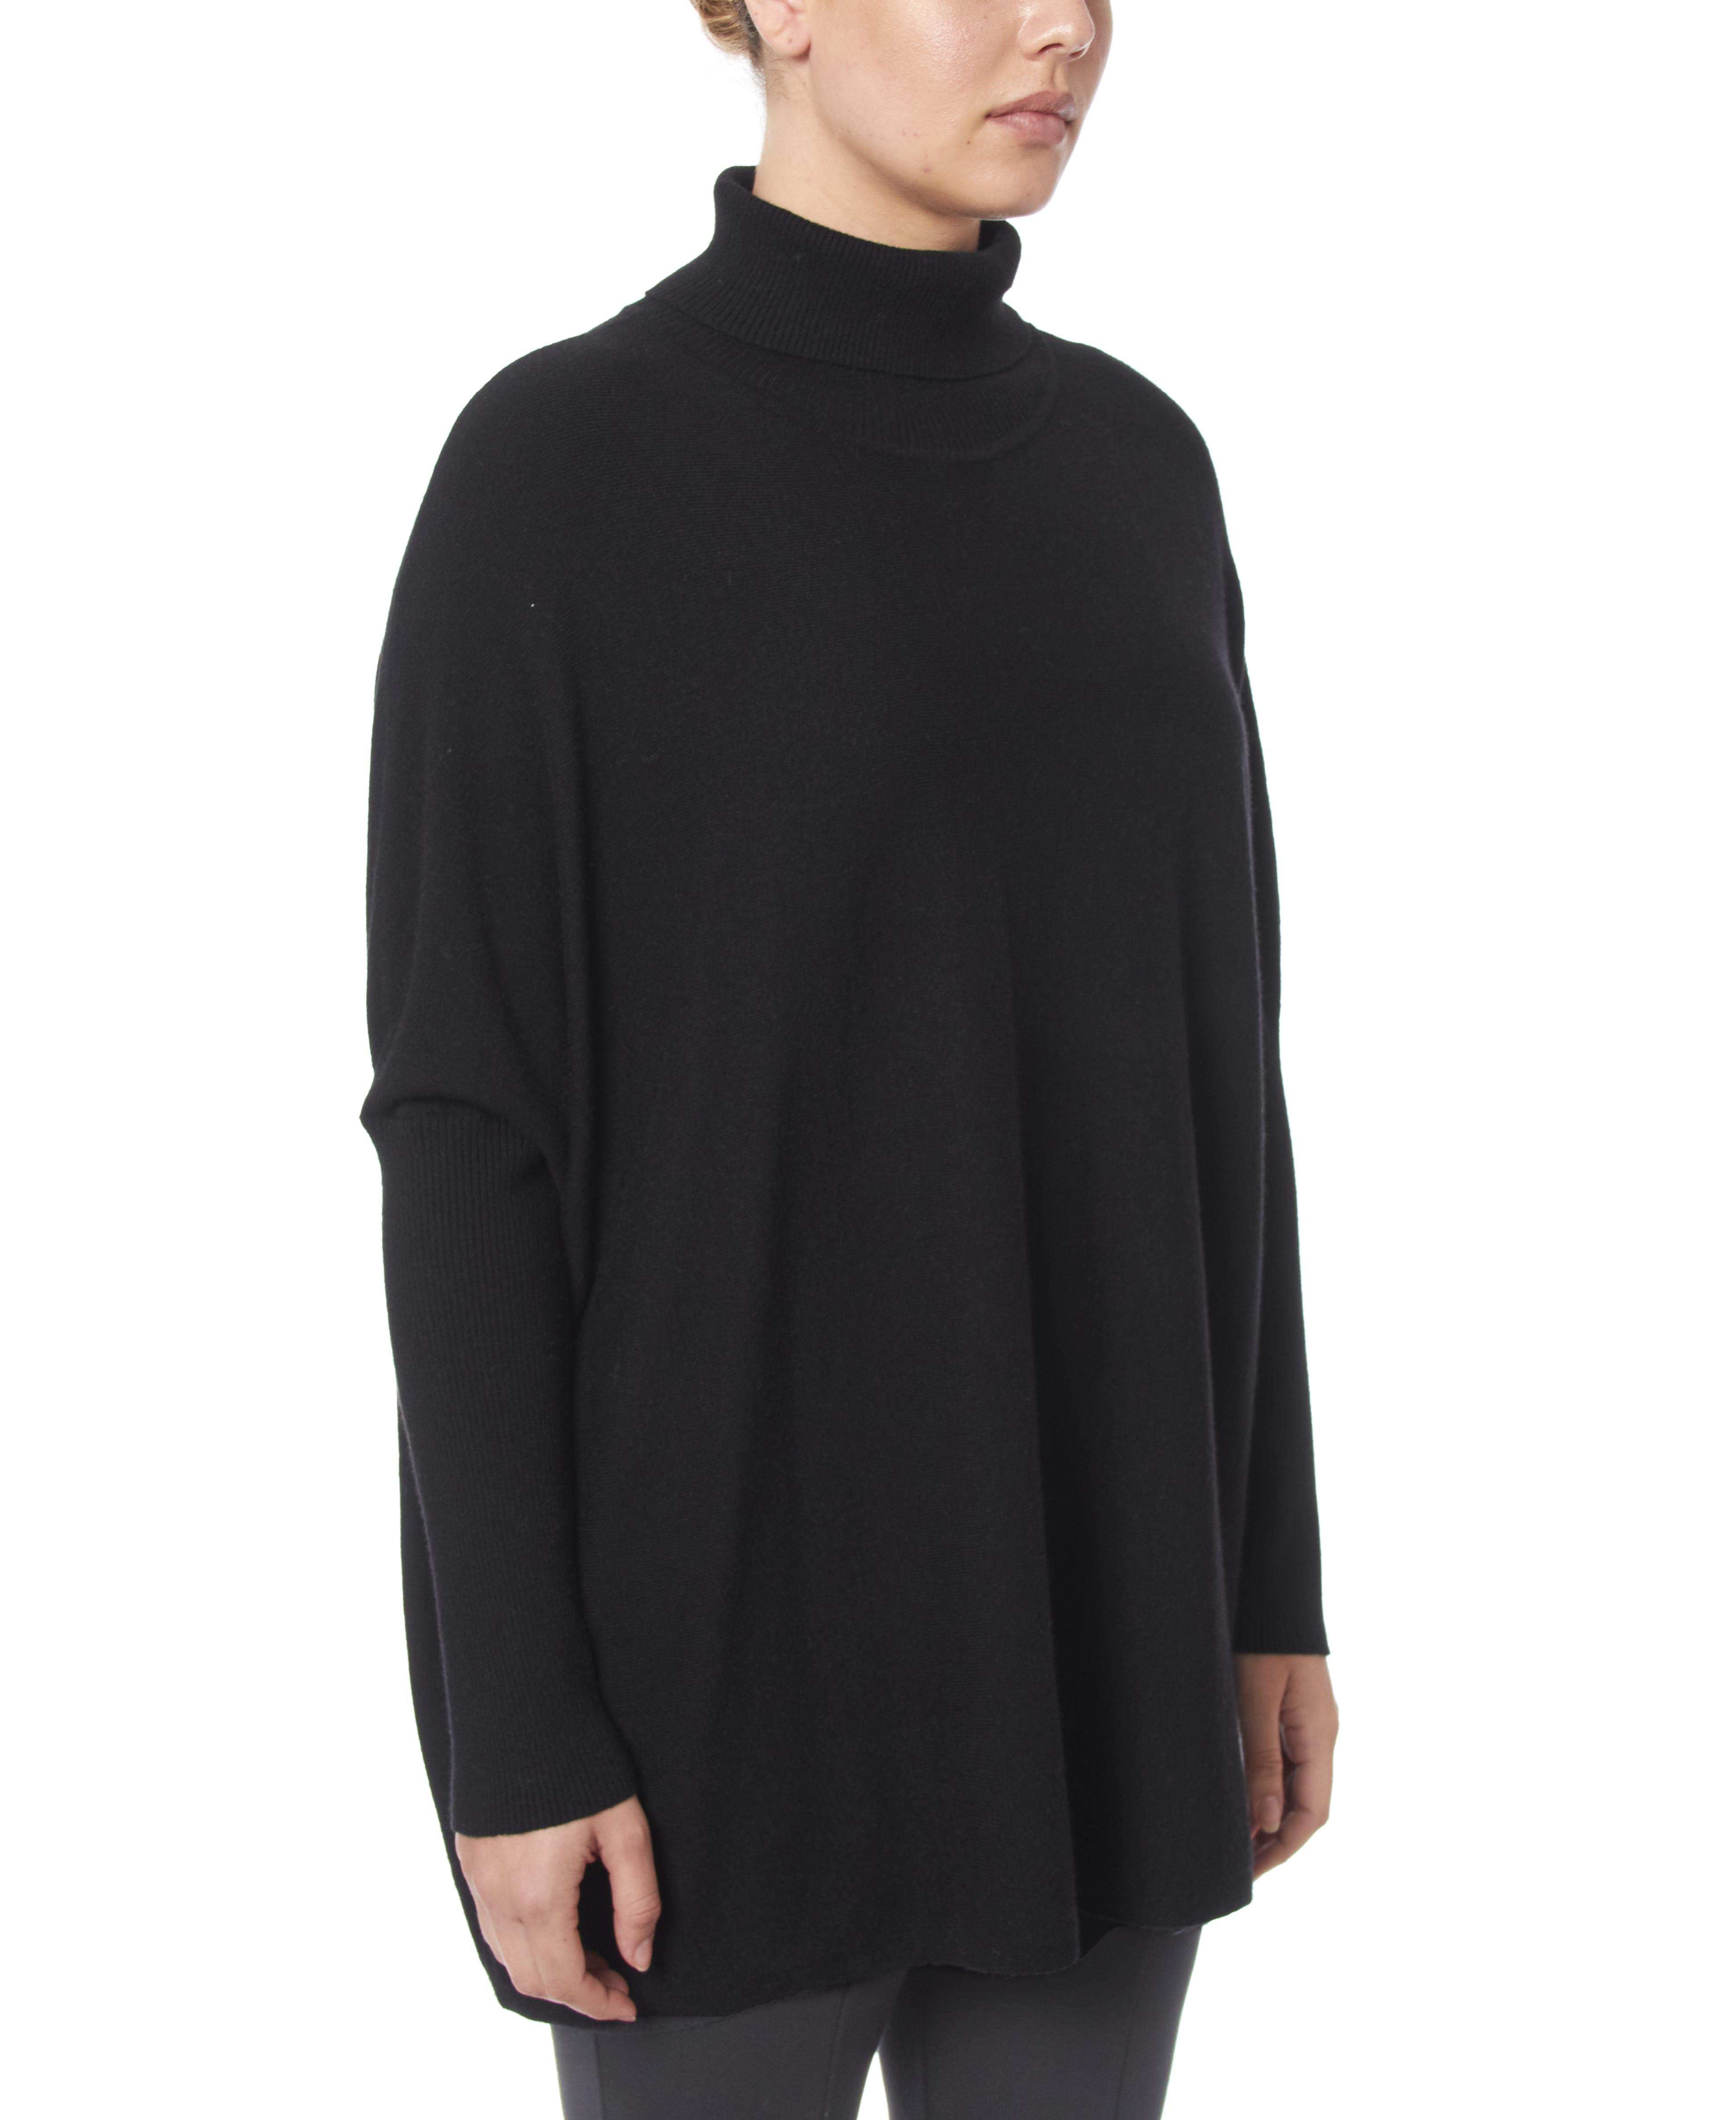 Turtleneck Poncho in Black